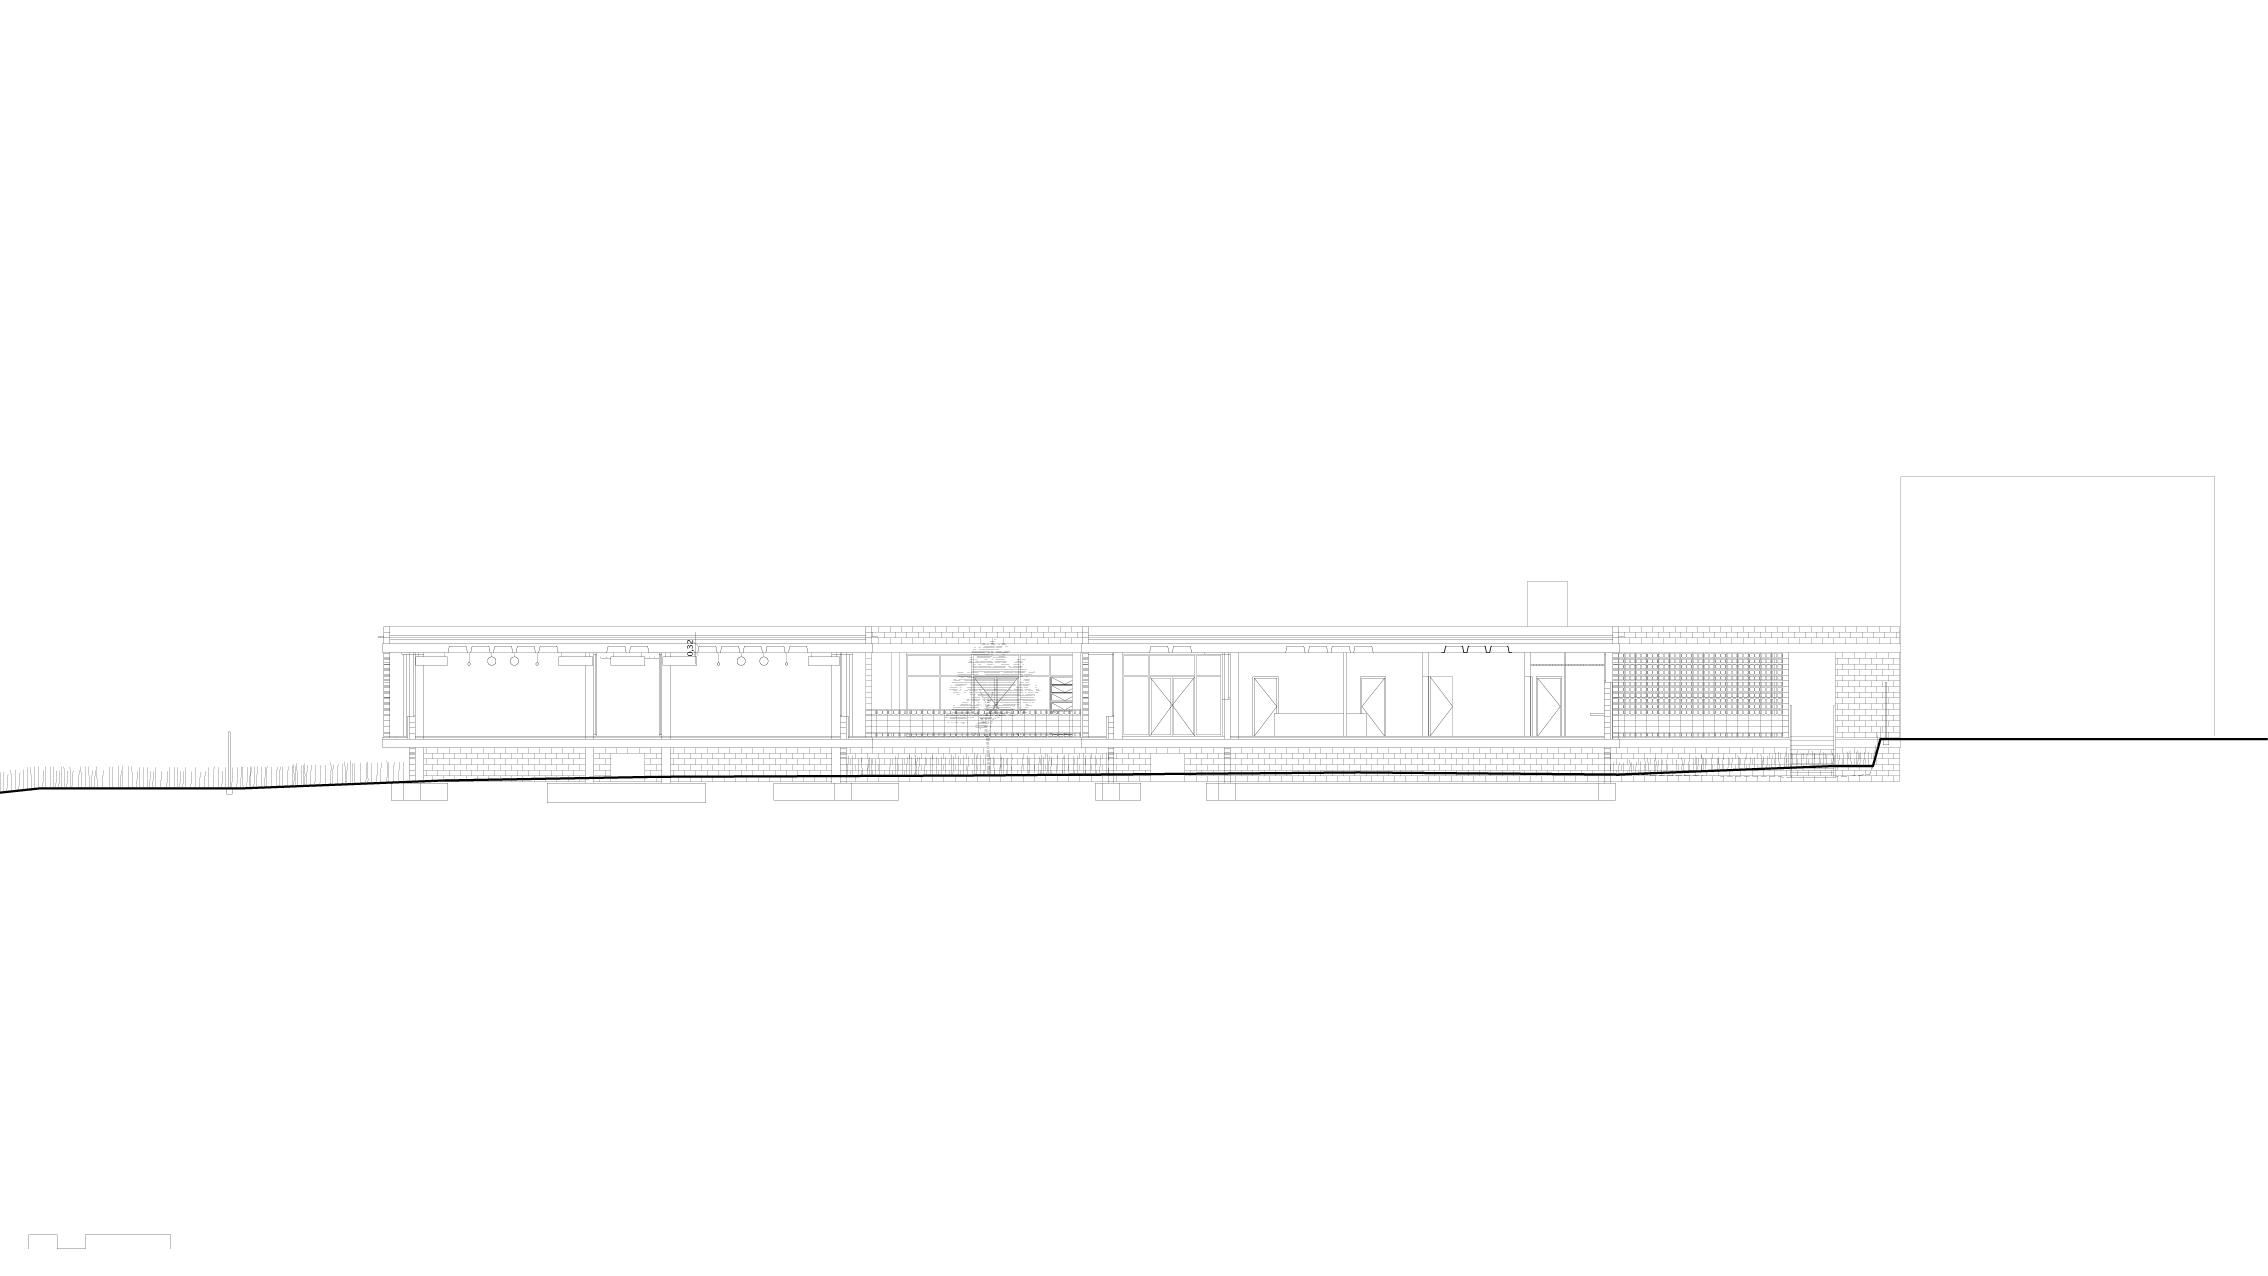 55_secció1_sense-mobiliari_169_100-wb.png